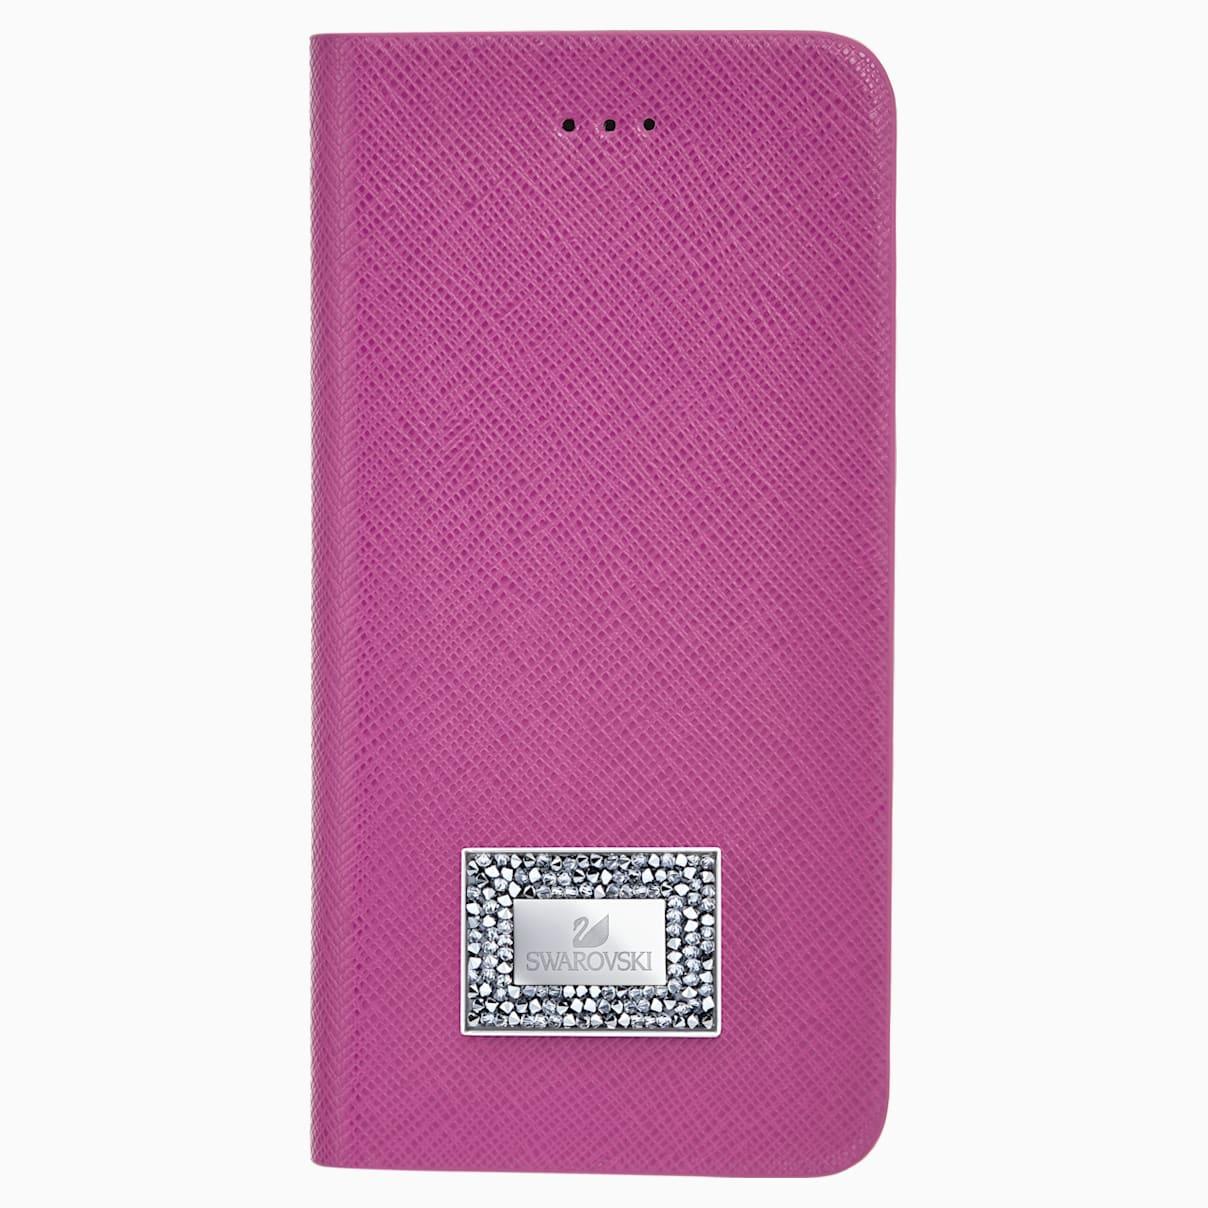 Custodia a portafoglio per smartphone con bordi protettivi, Samsung Galaxy S® 7, Rosa